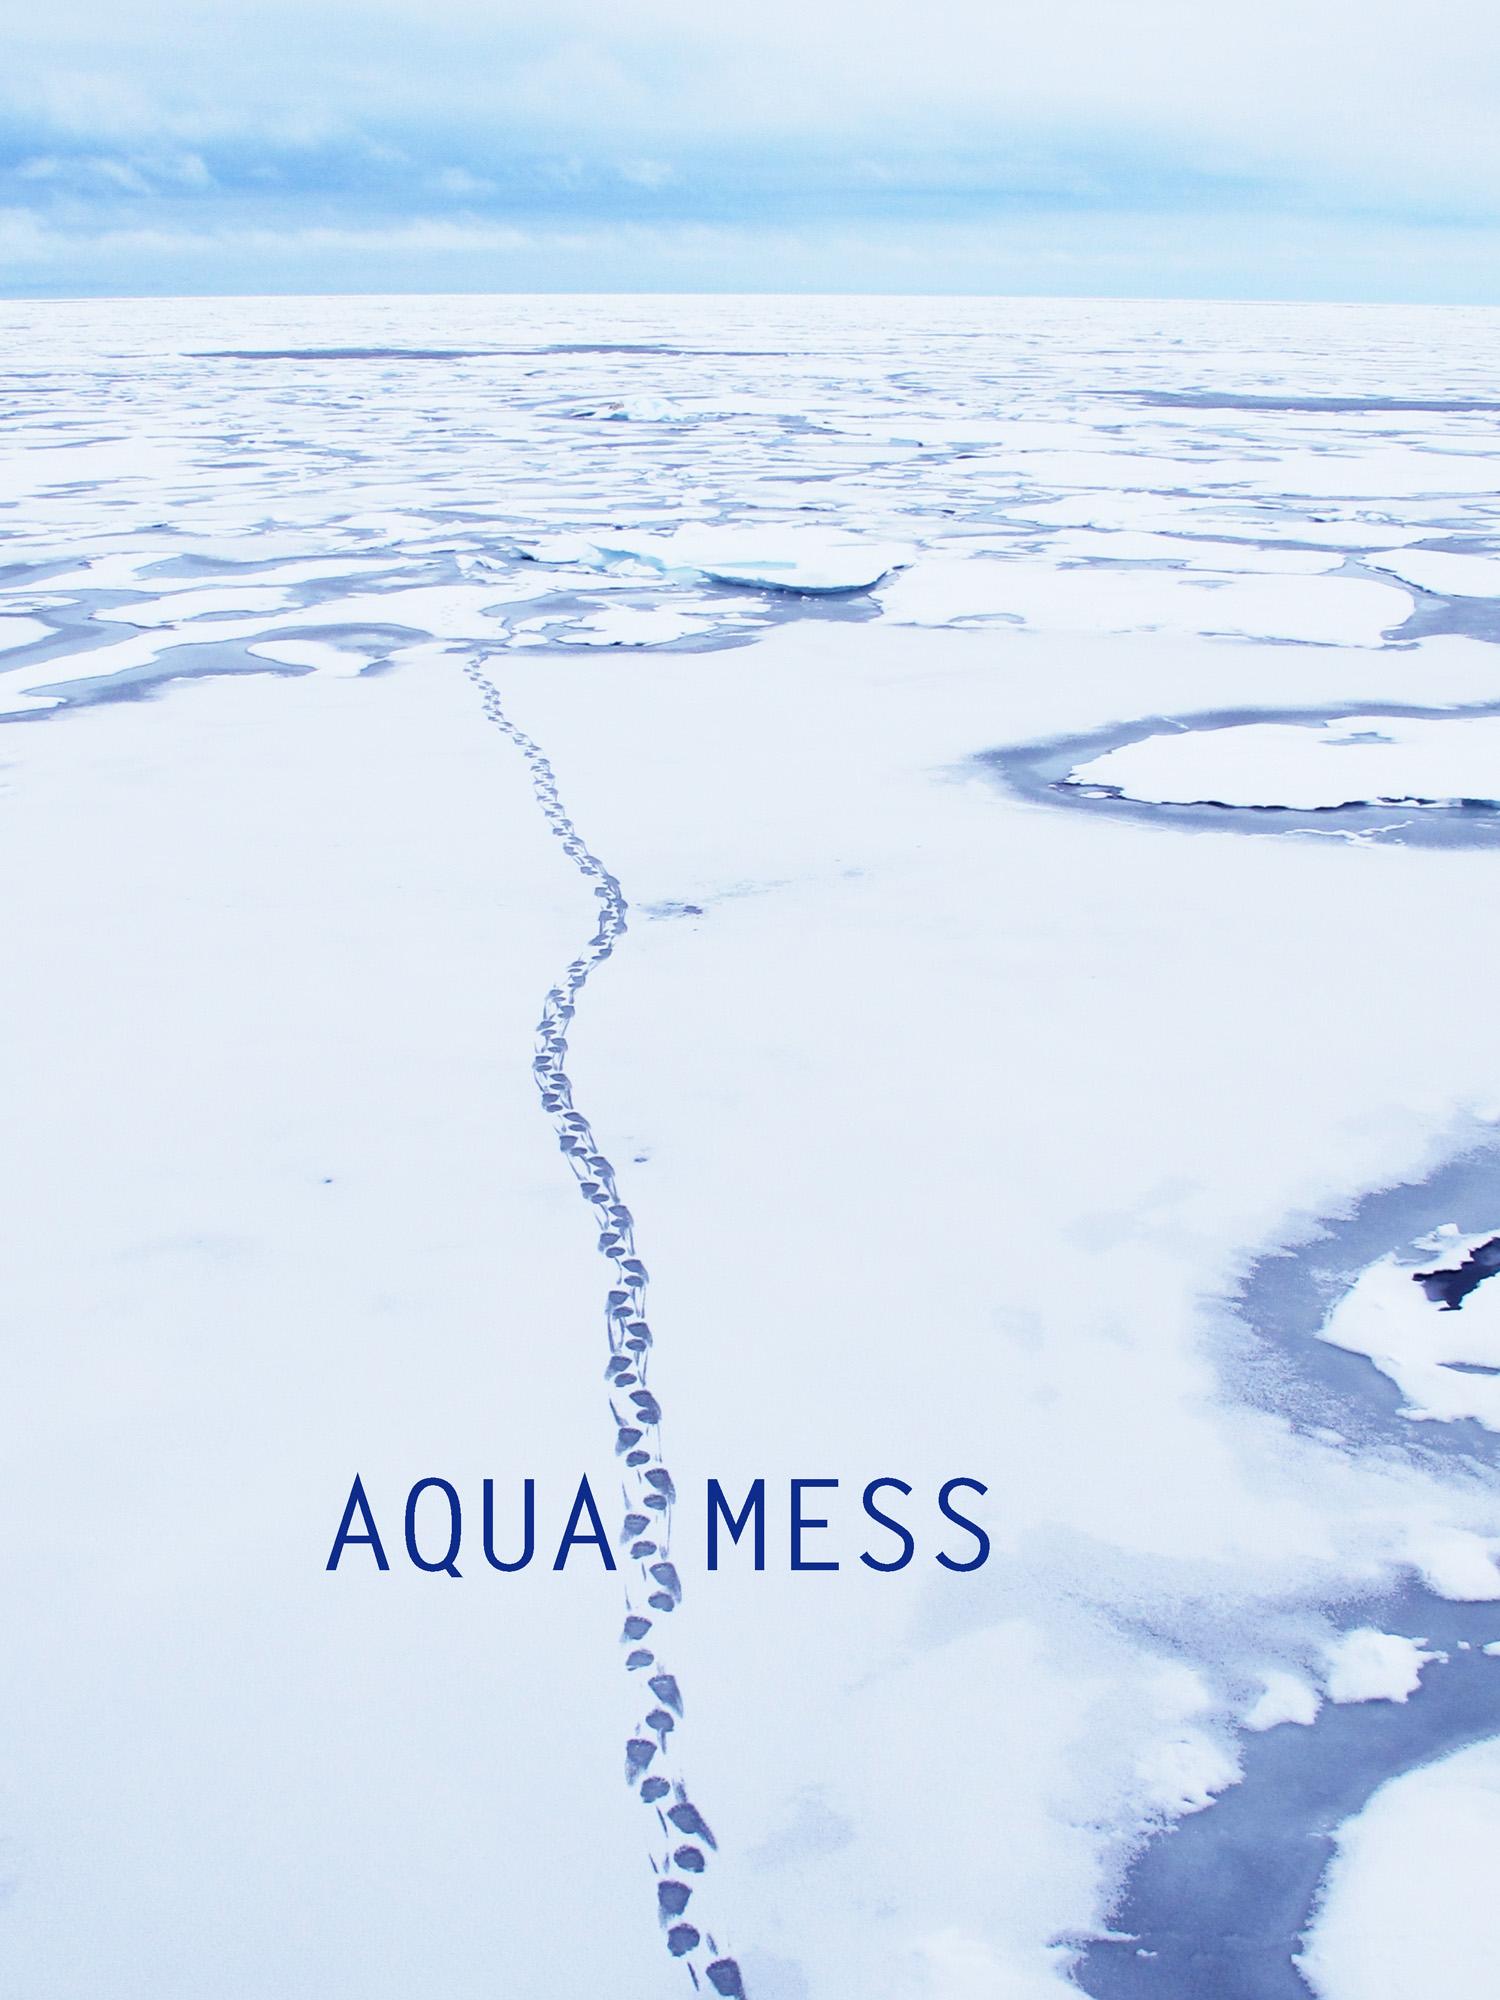 AquaMess Svalbard Carol Devine.jpg